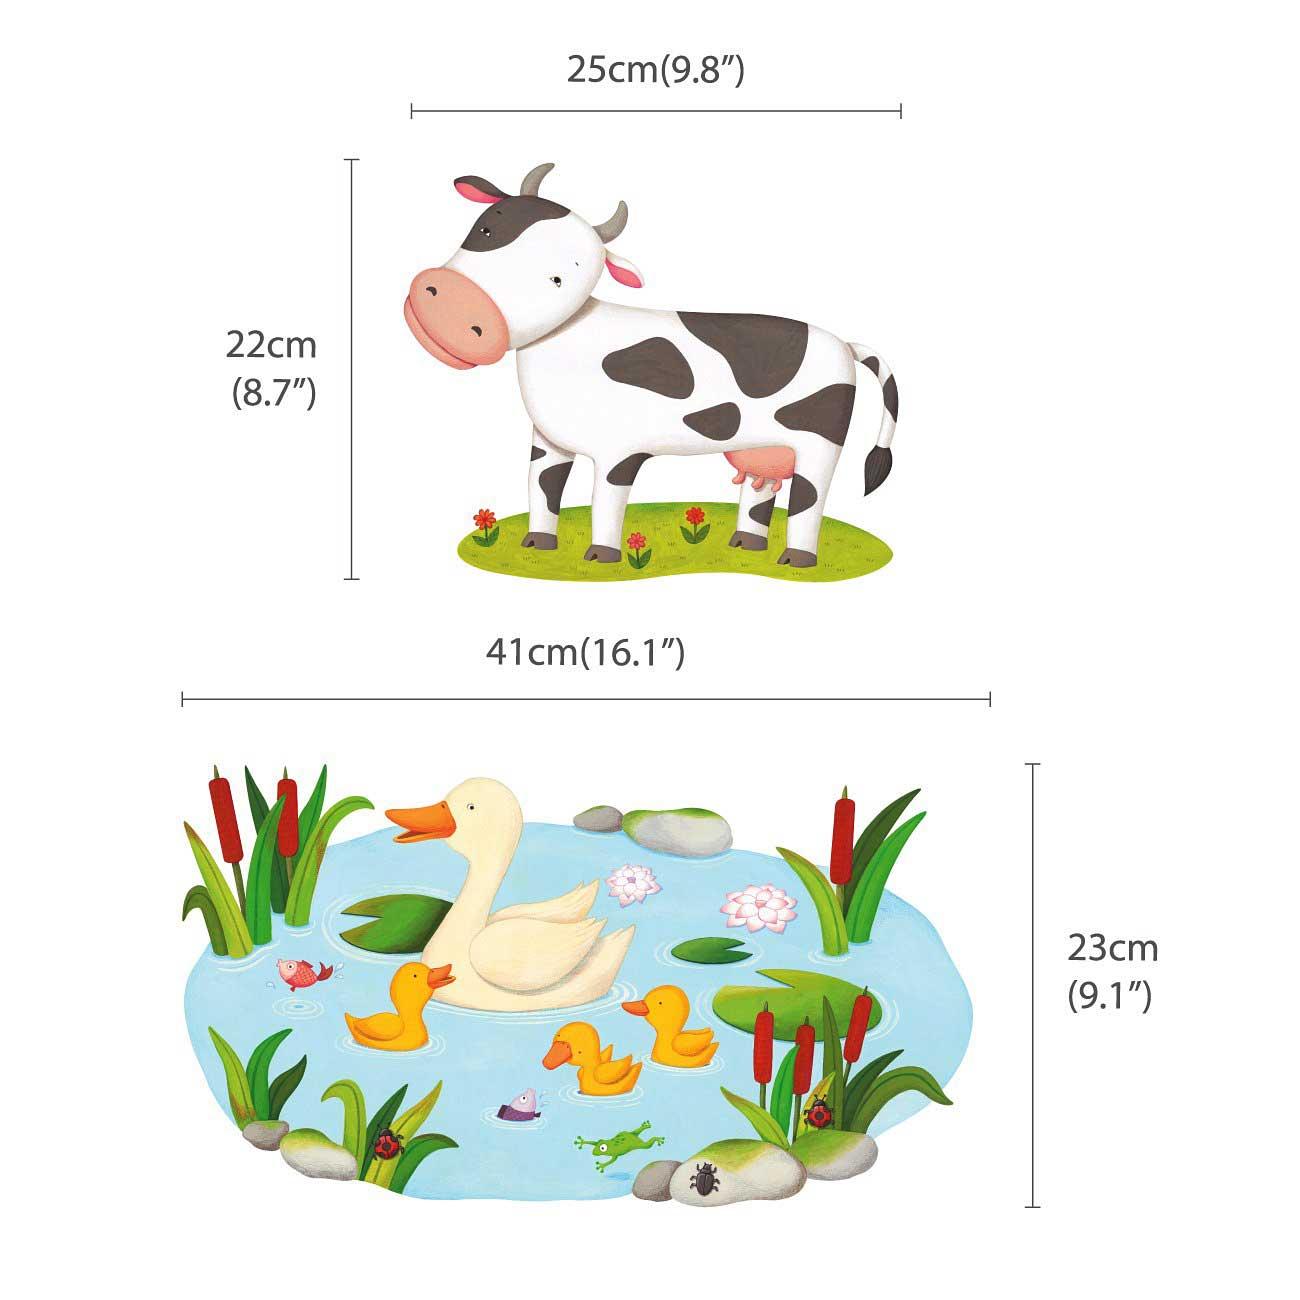 Wandsticker Bauernhof Tiere Milchkuh Wandsticker Kinderzimmer